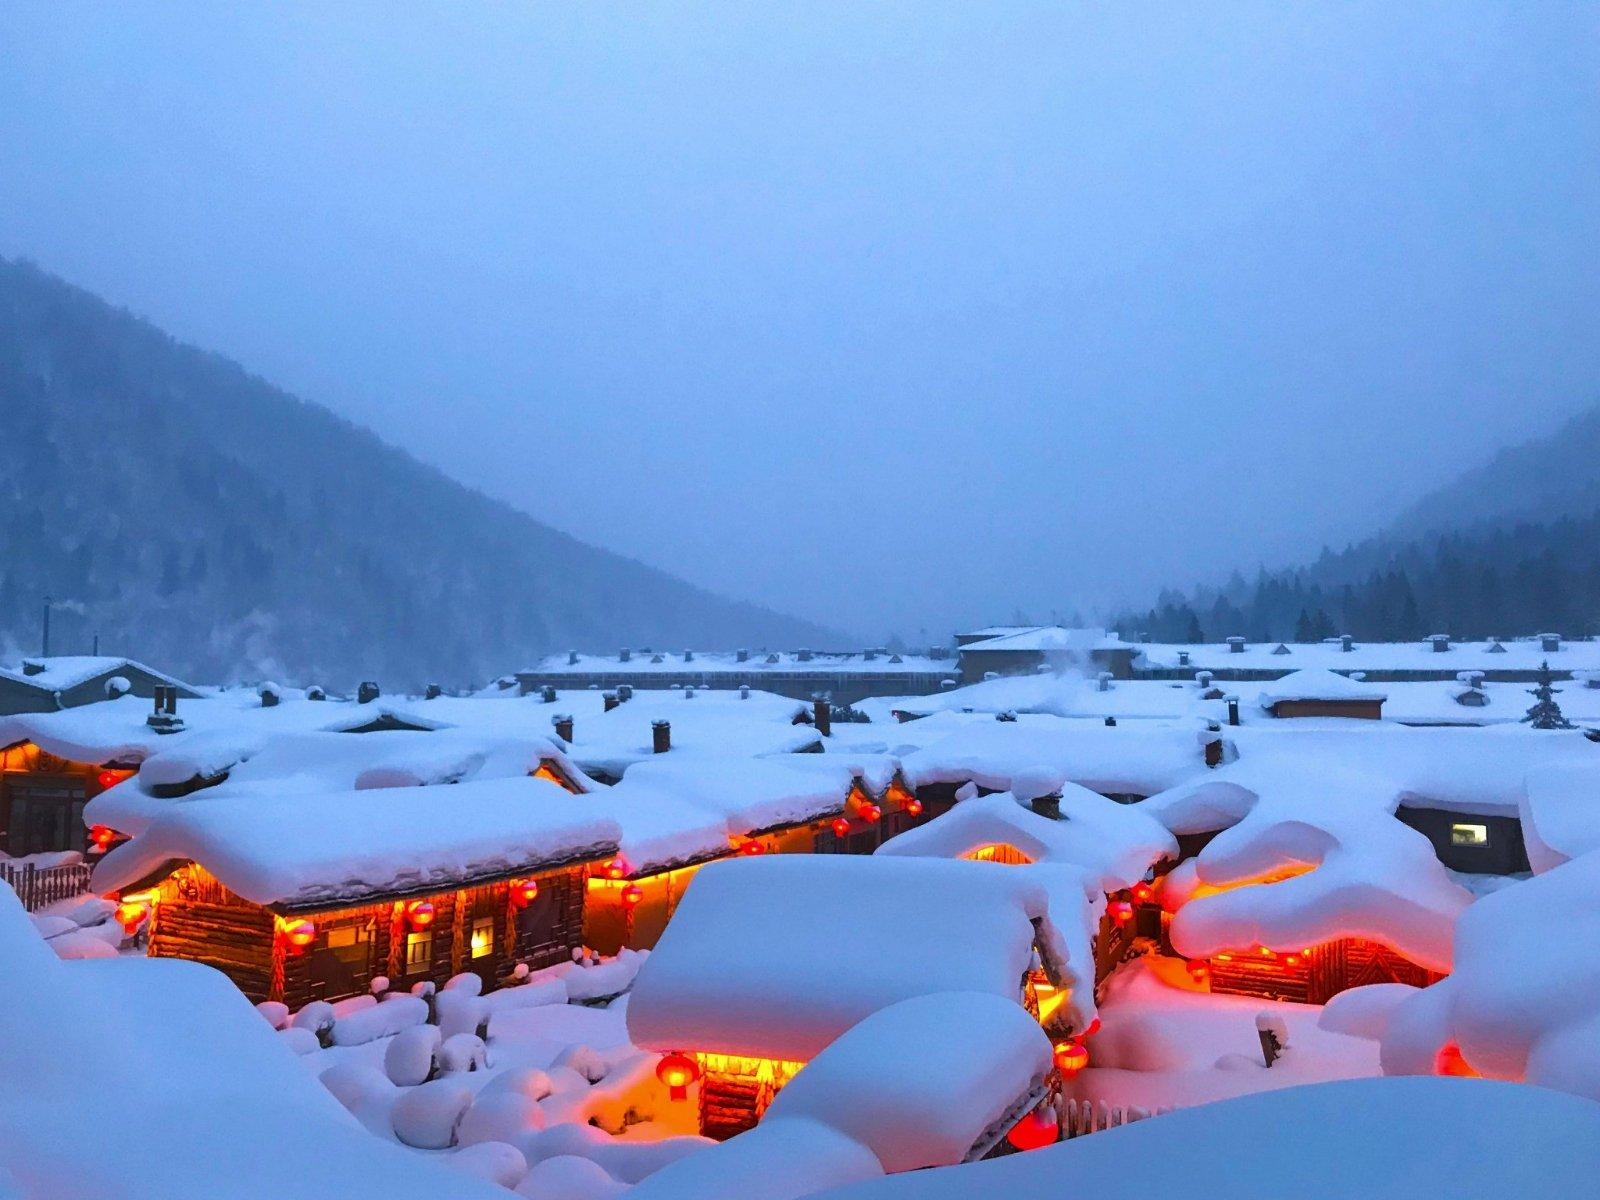 2019中国雪乡游玩攻略,3、冬天的东北天黑的2017端午v攻略攻略四川图片